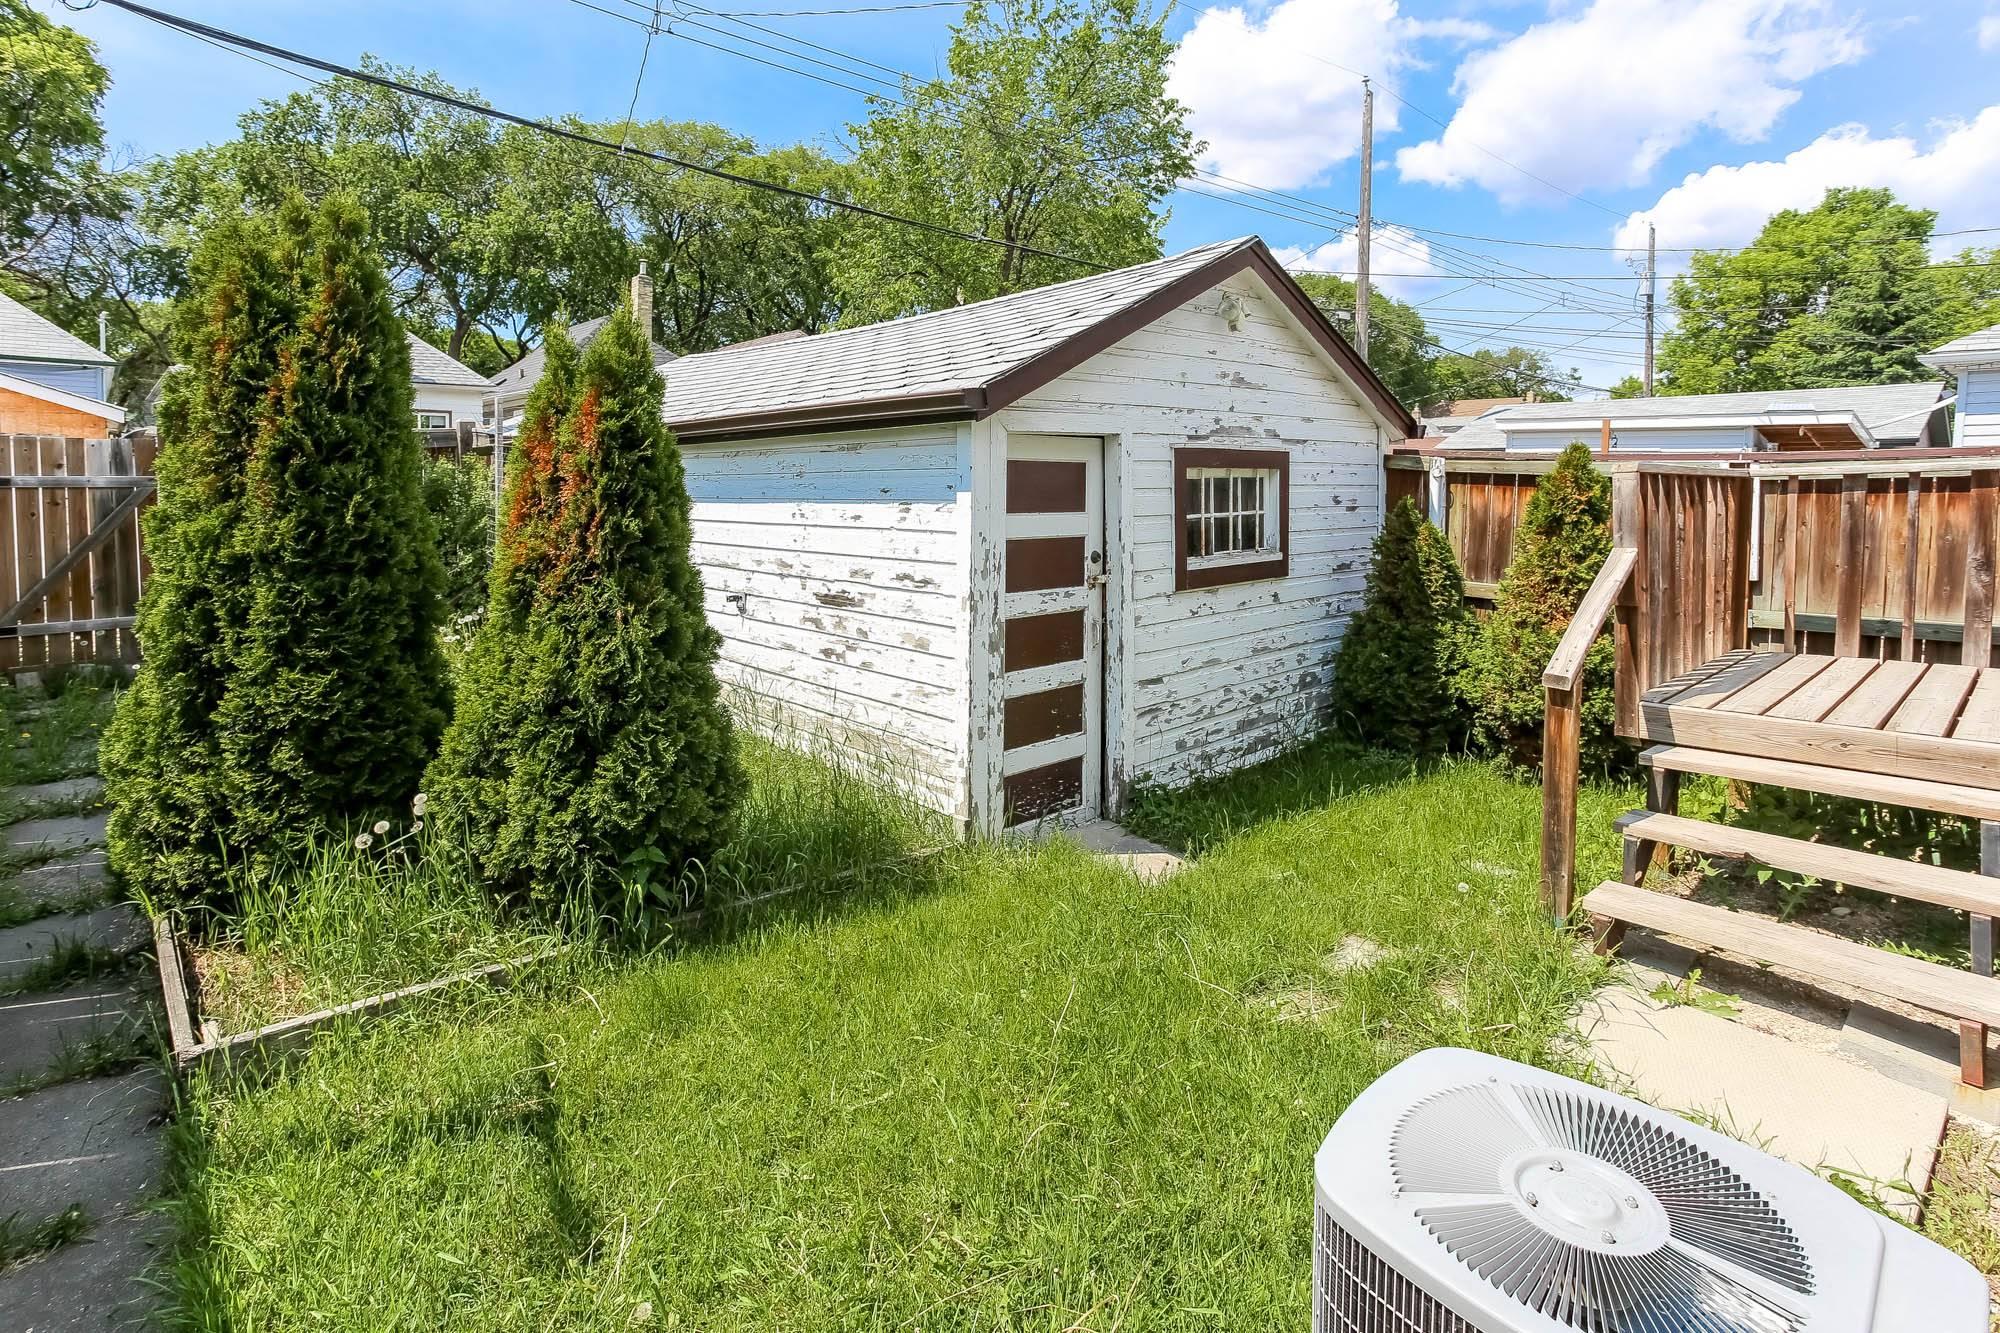 390 Banning, Winnipeg, Manitoba  R3G 2E5 - Photo 20 - 1914266